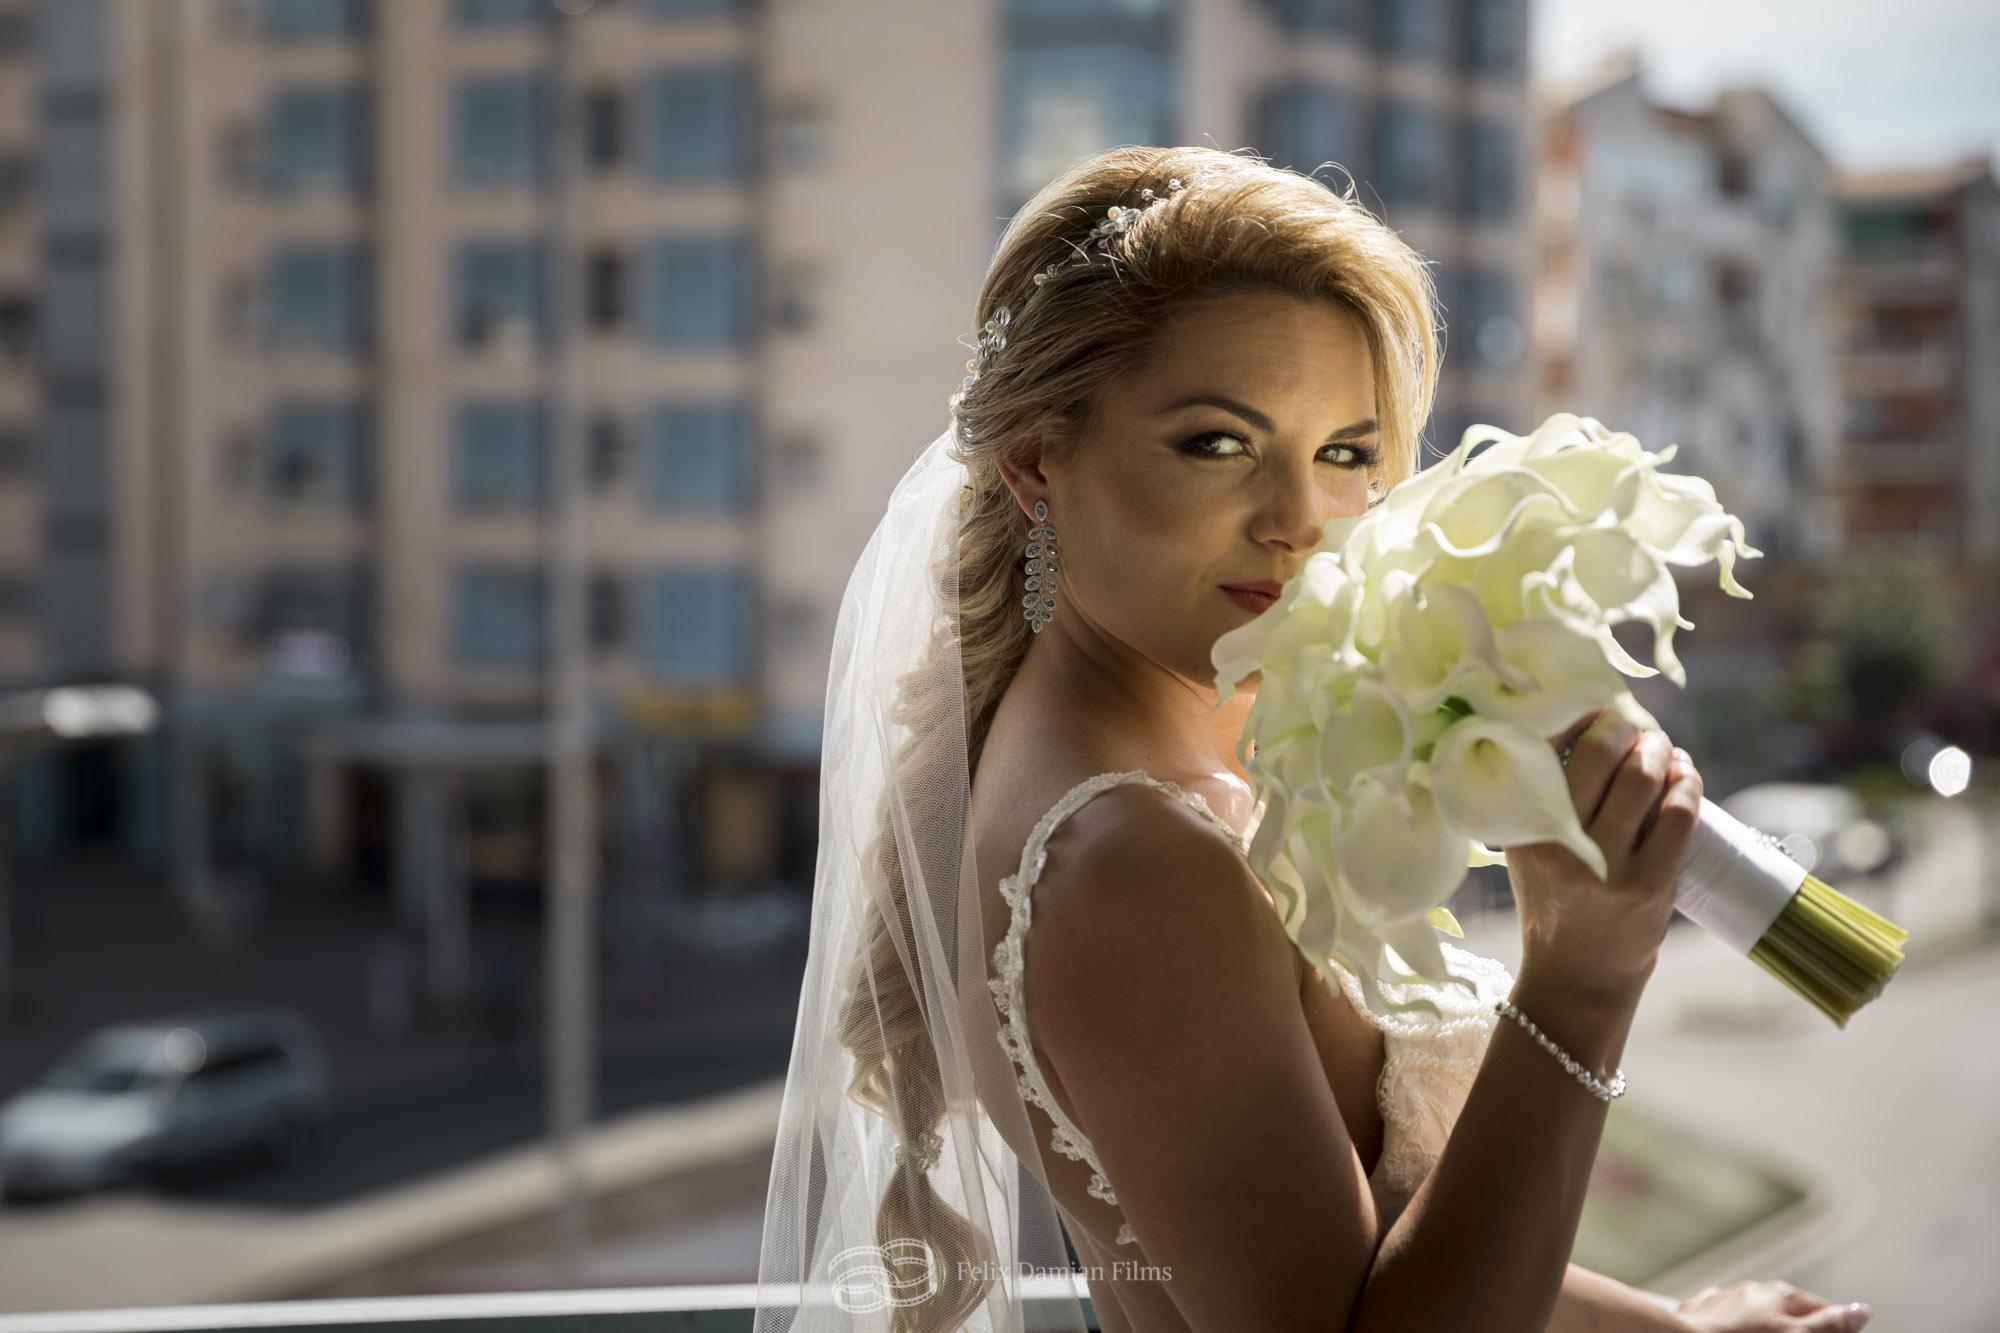 fotografos de bodas-45